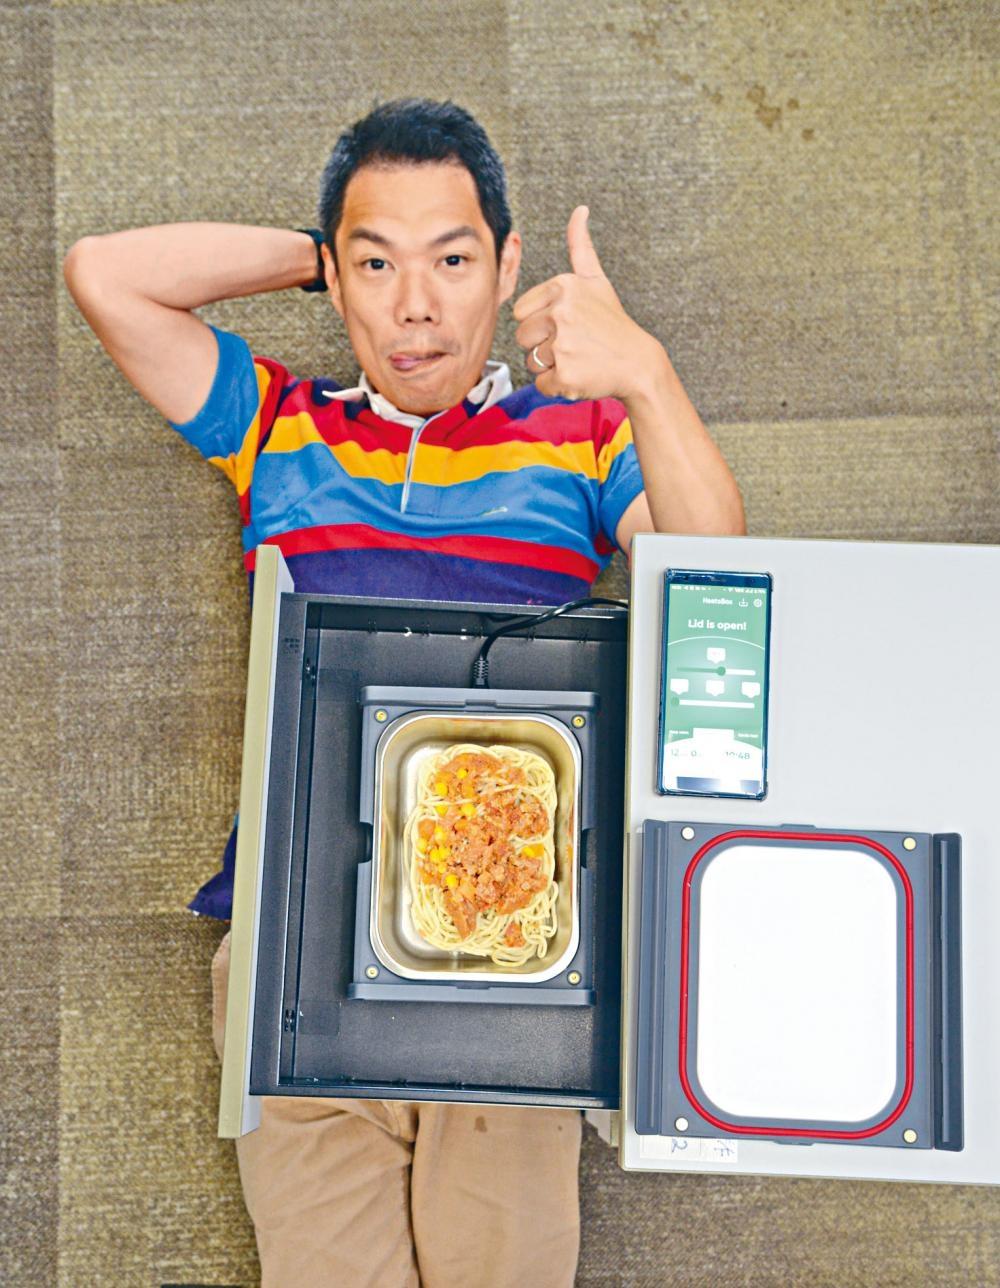 毋須排「叮飯龍」,上班一族可安坐辦公室座位,用智能翻熱飯盒享受美味Lunch!